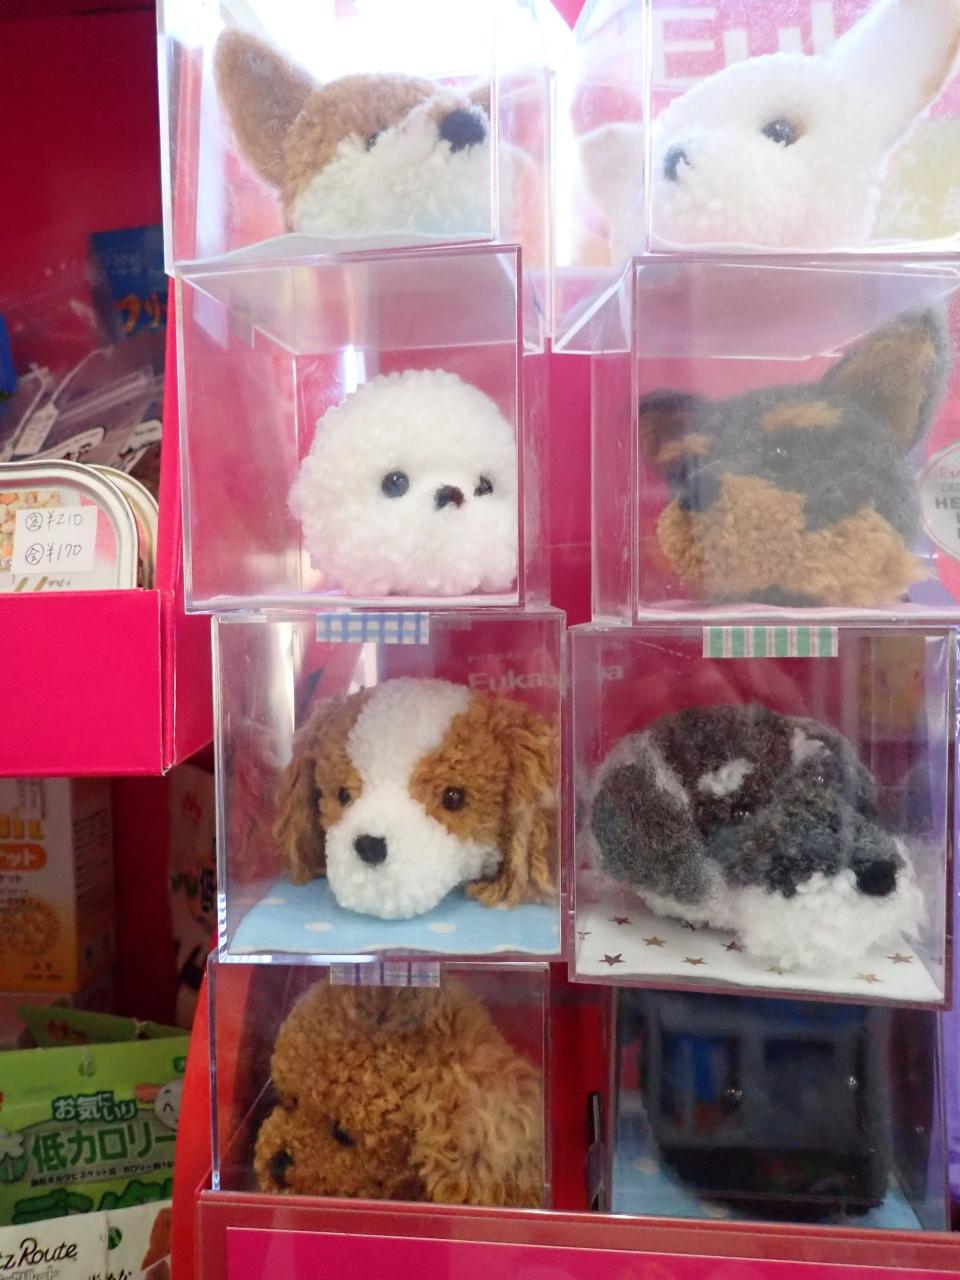 ポンポン人形 犬 オーダーメイド